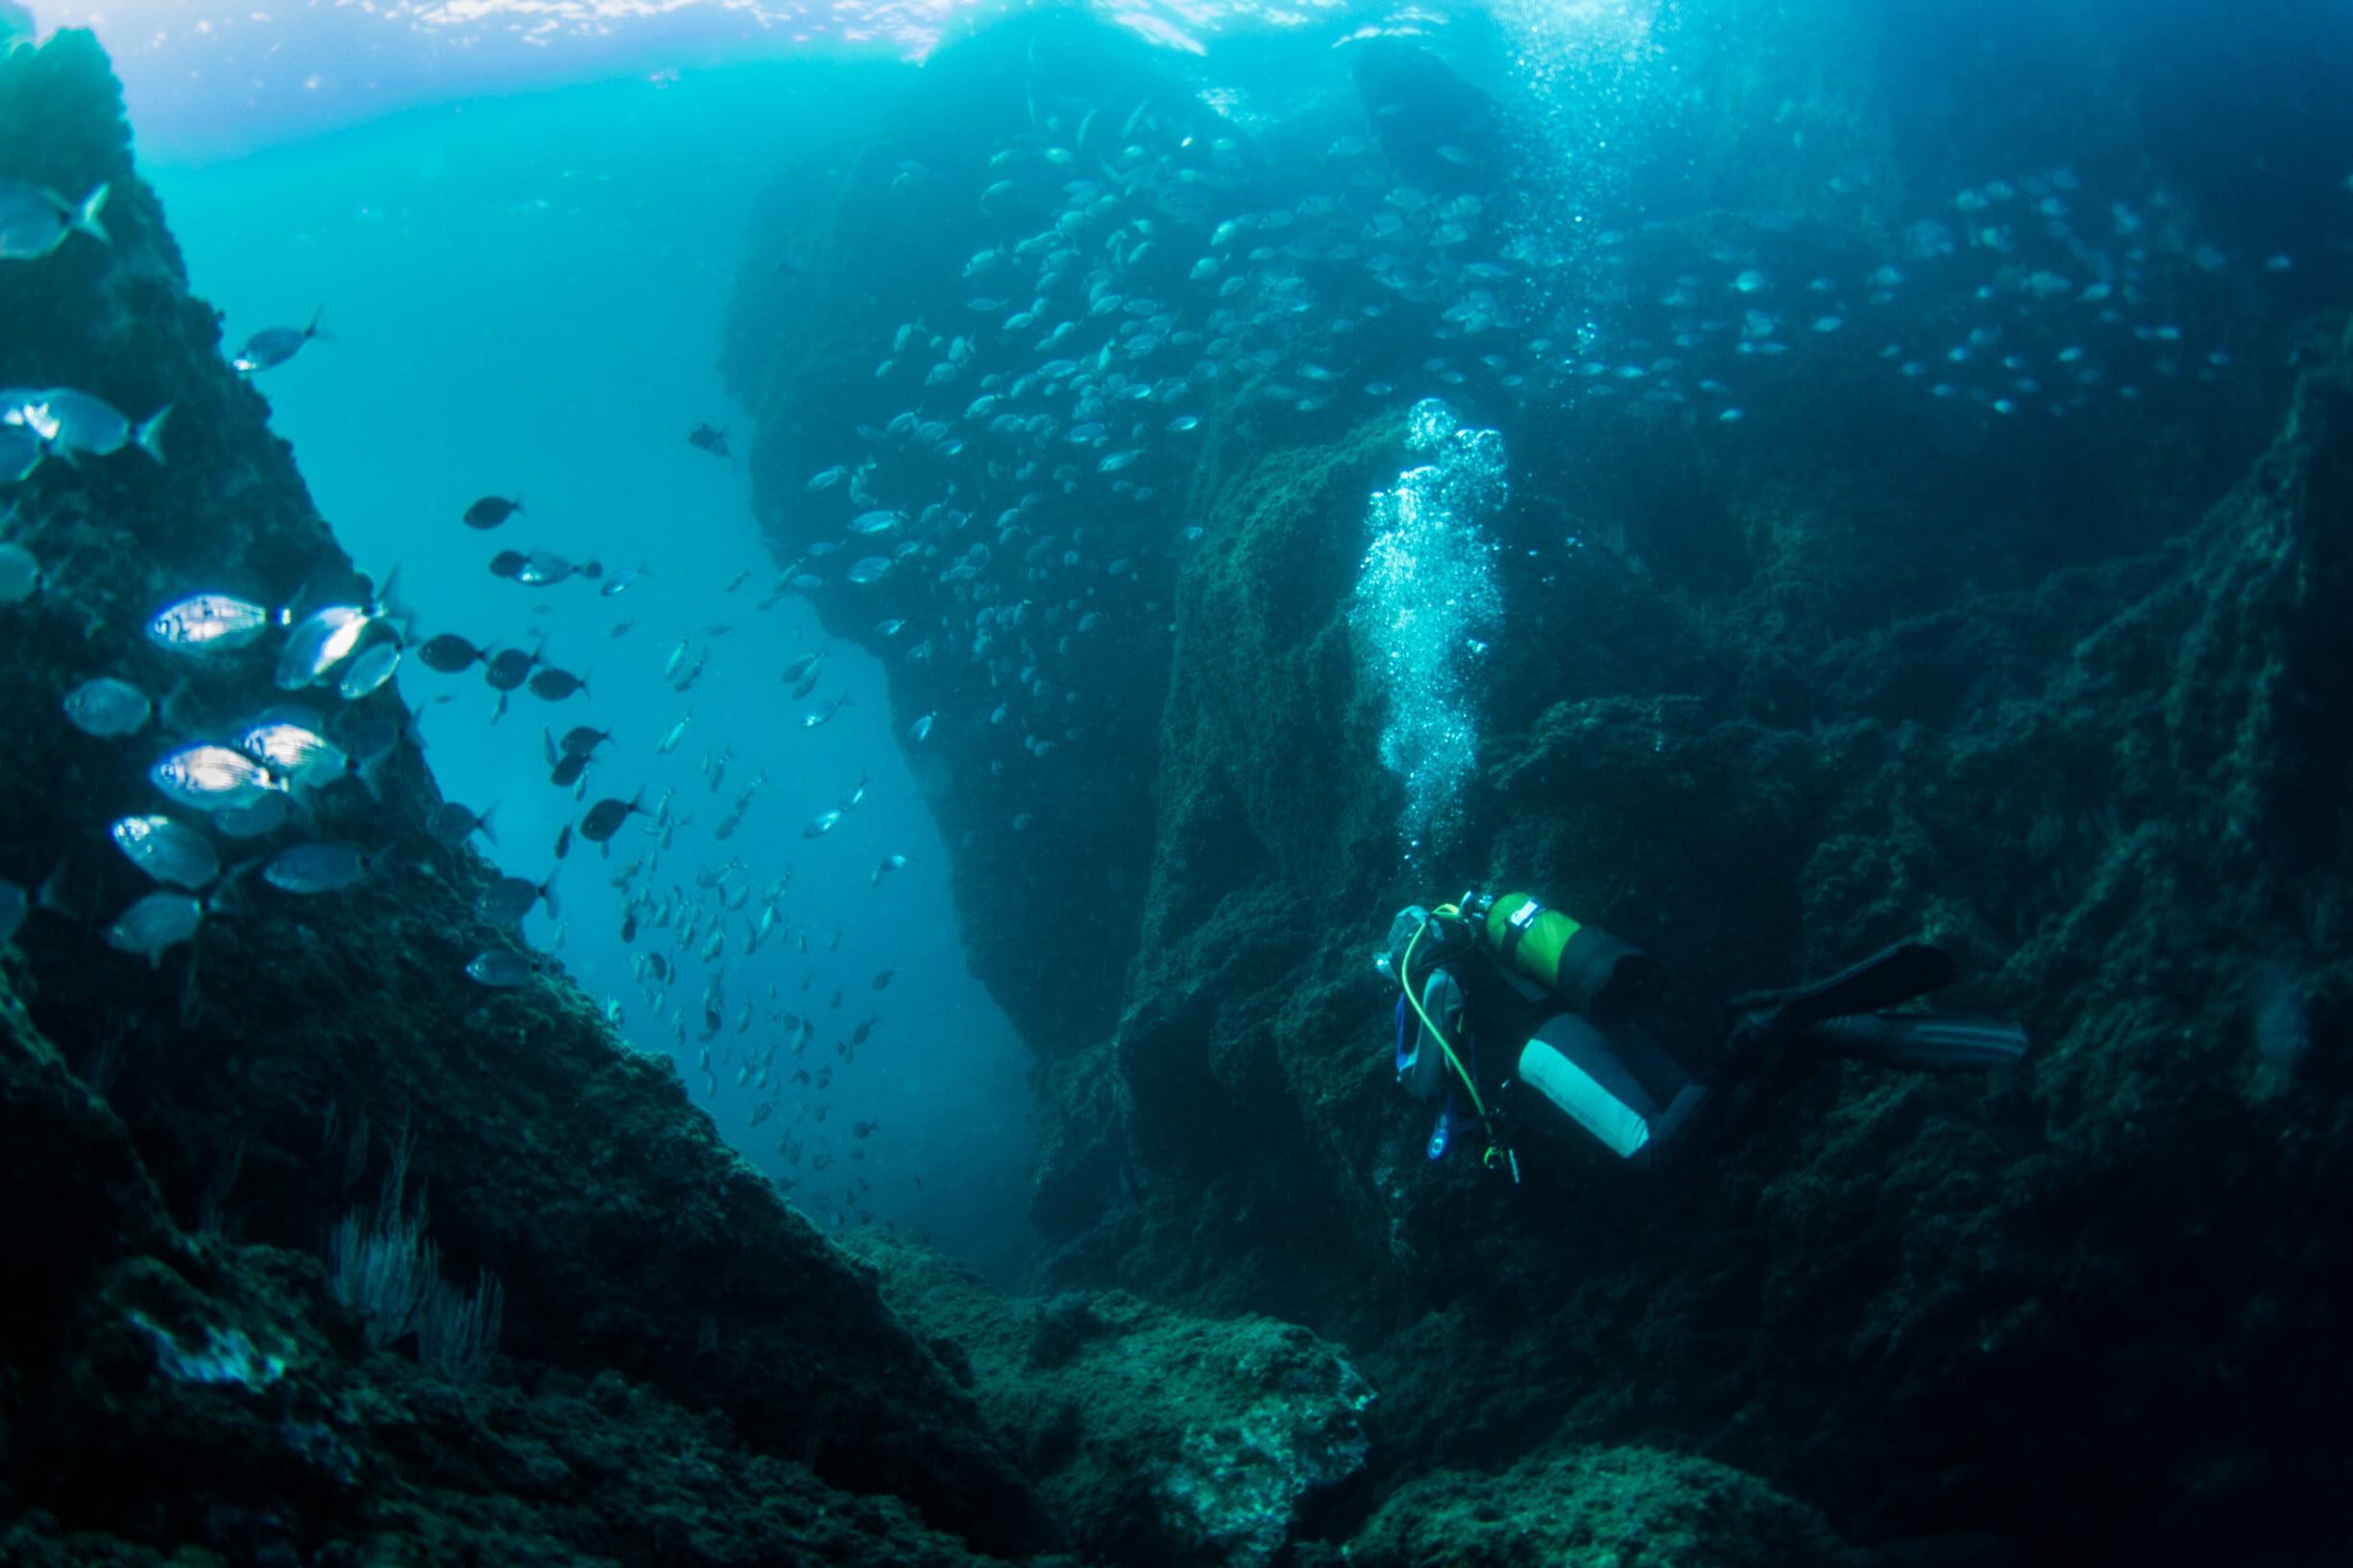 archipel taille reelle (86 sur 112)